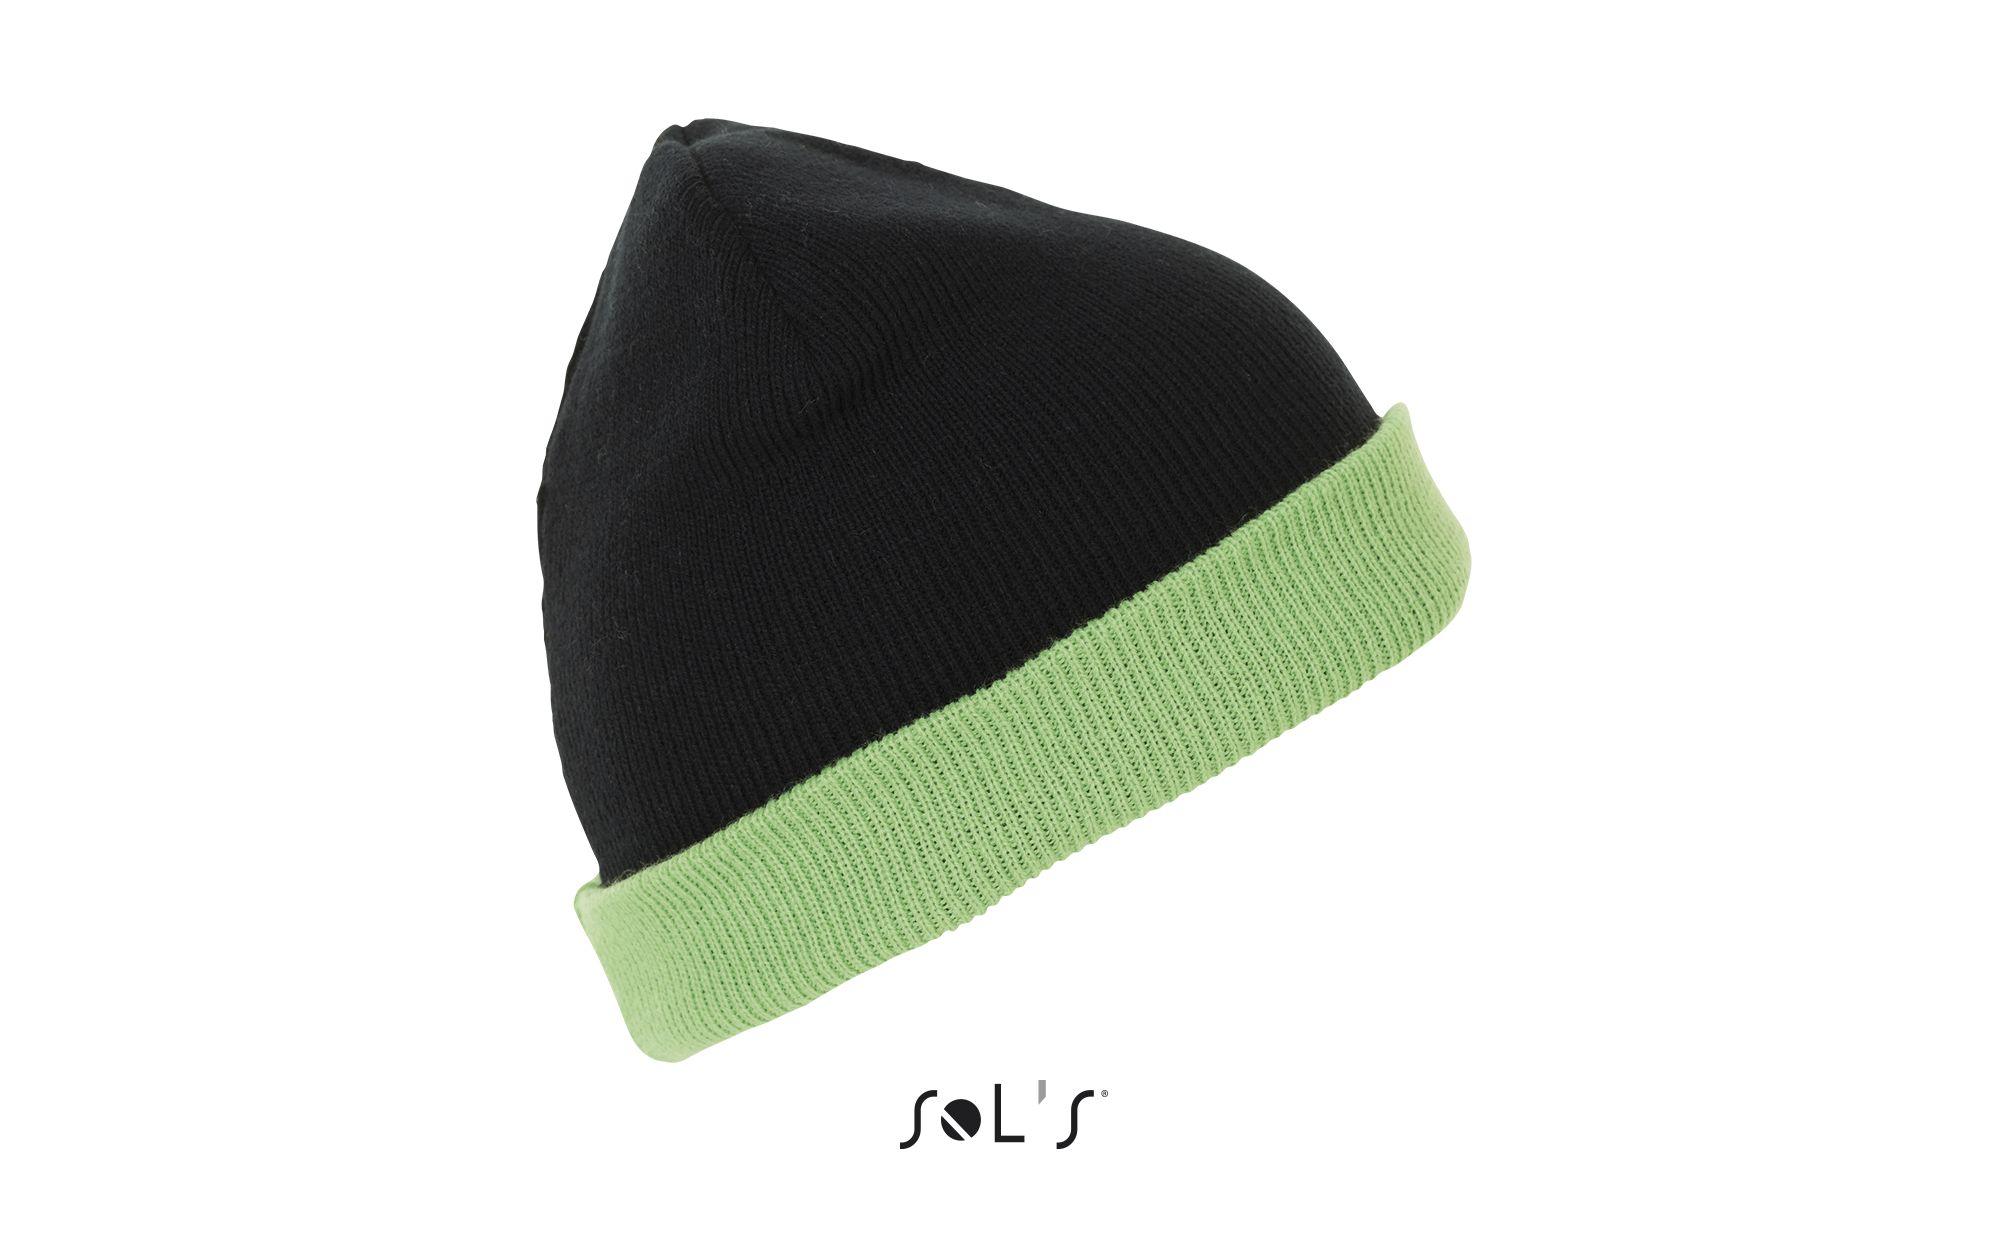 931 - Noir / Lime